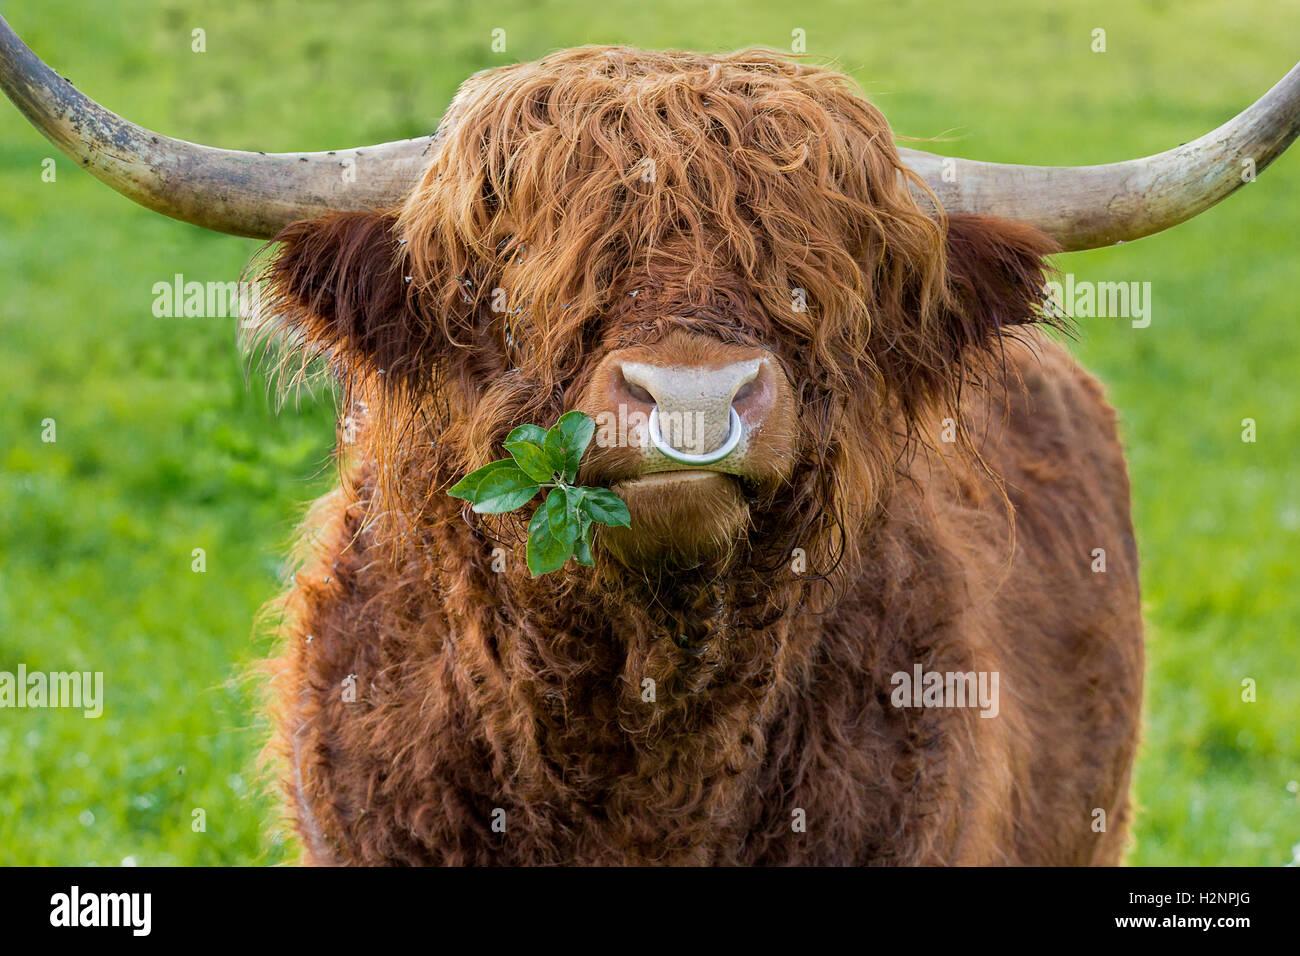 Ungefilterte Version der Blätter kauen Hochlandrinder Stier mit Eisen Nasenring auf der grünen Wiese. Stockbild